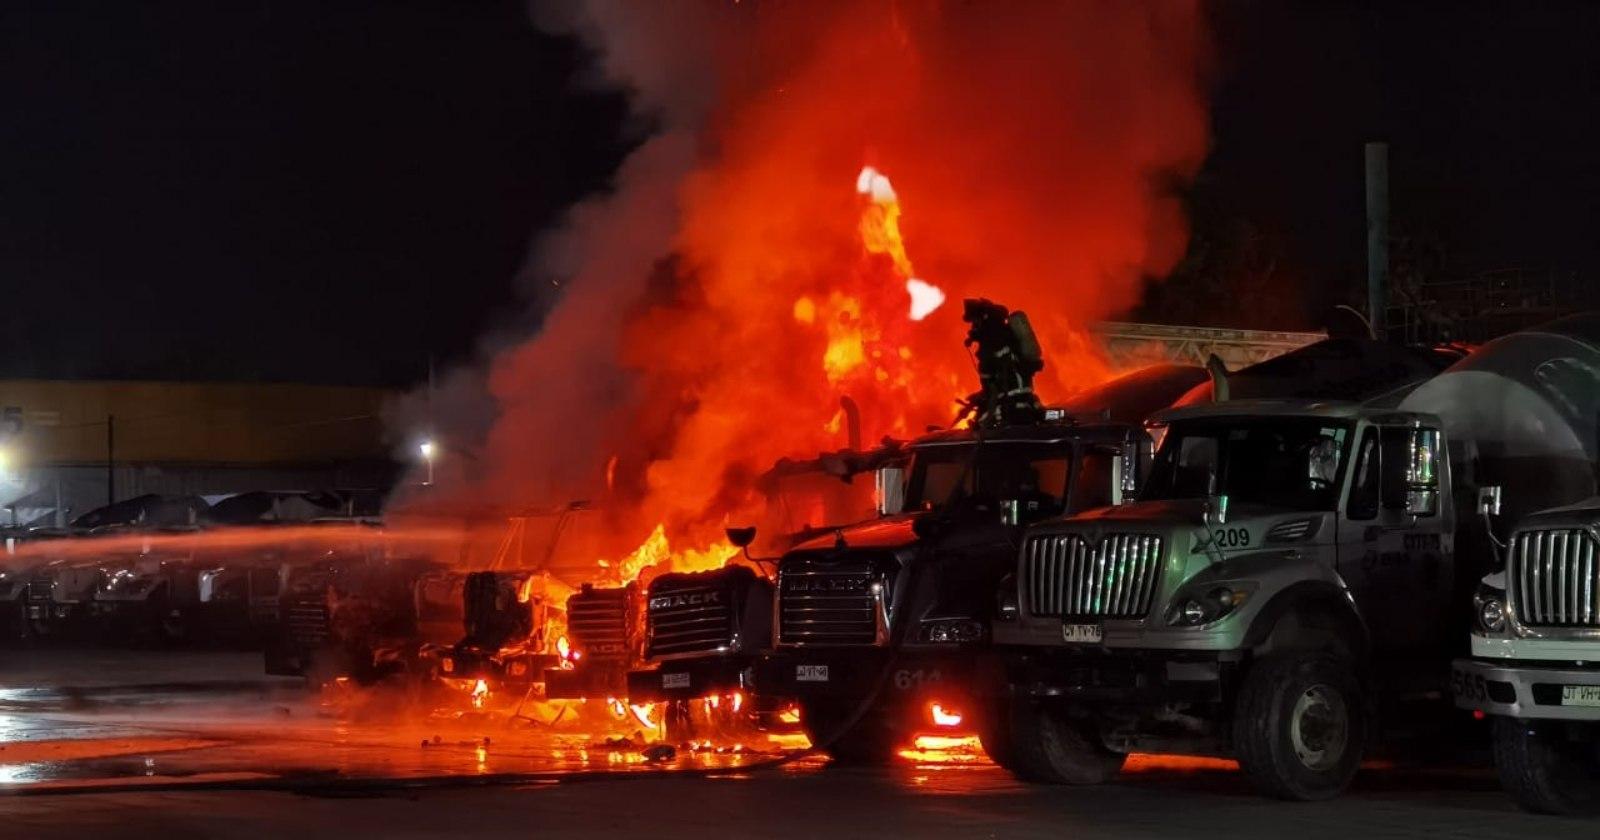 Encapuchados balearon a conductor y quemaron cinco camiones en Victoria